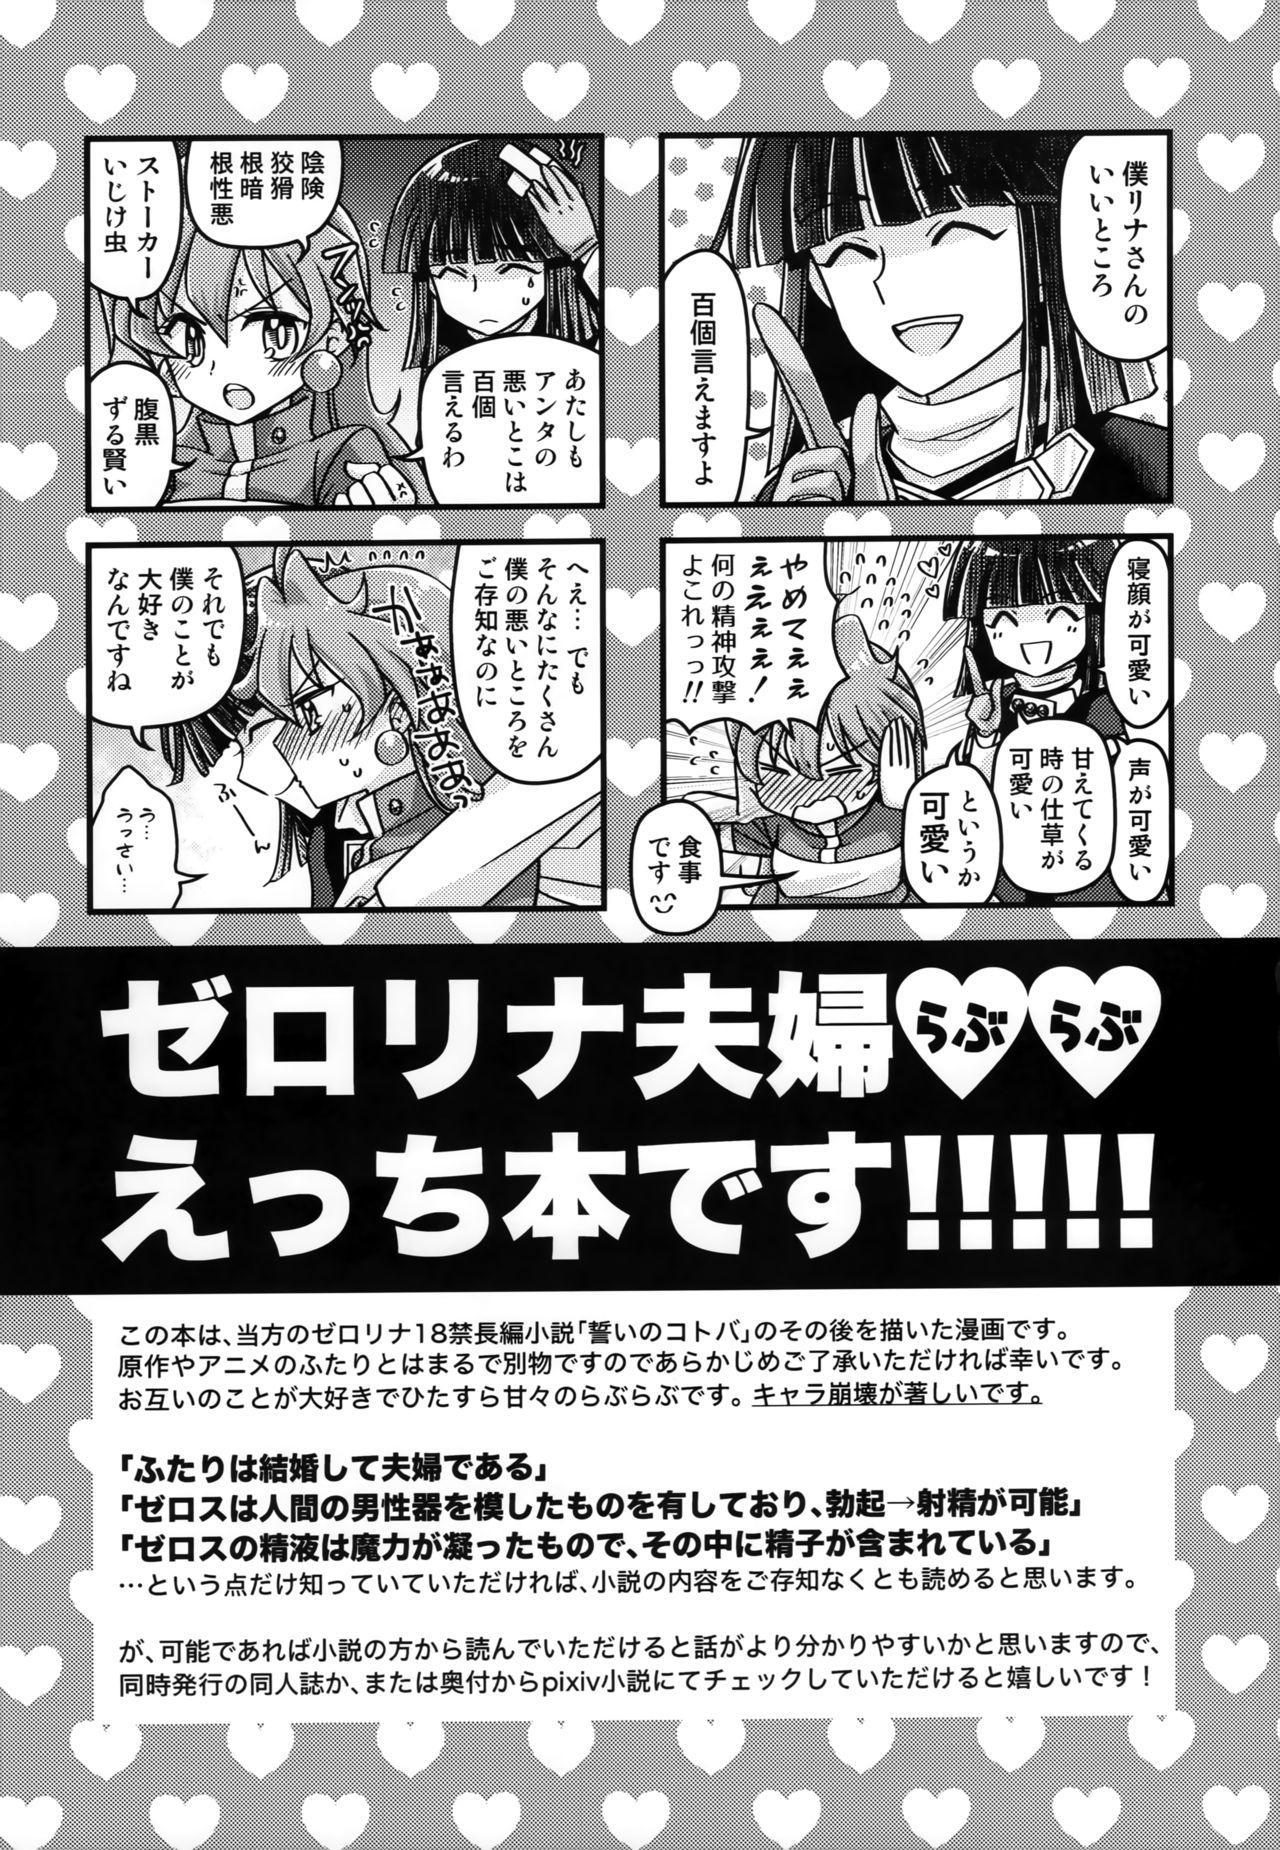 Lina-san ga Kawaii kara Shikatanai. 1